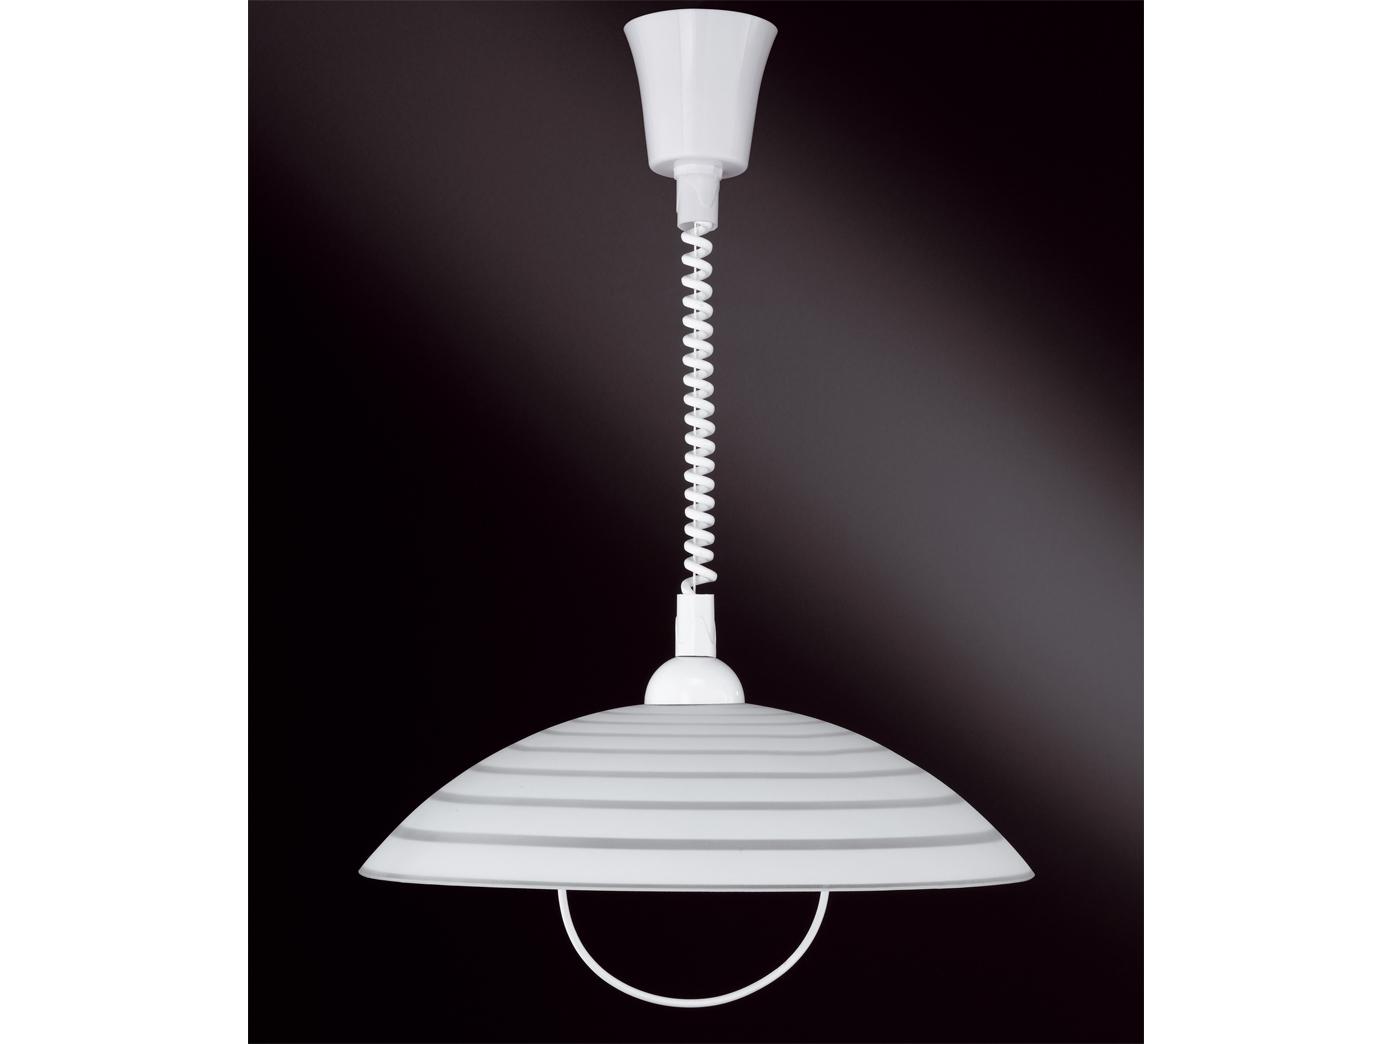 Deko Hängeleuchte, extern dimmbar, Glasschirm weiß mit Dekor, Küchenlampe